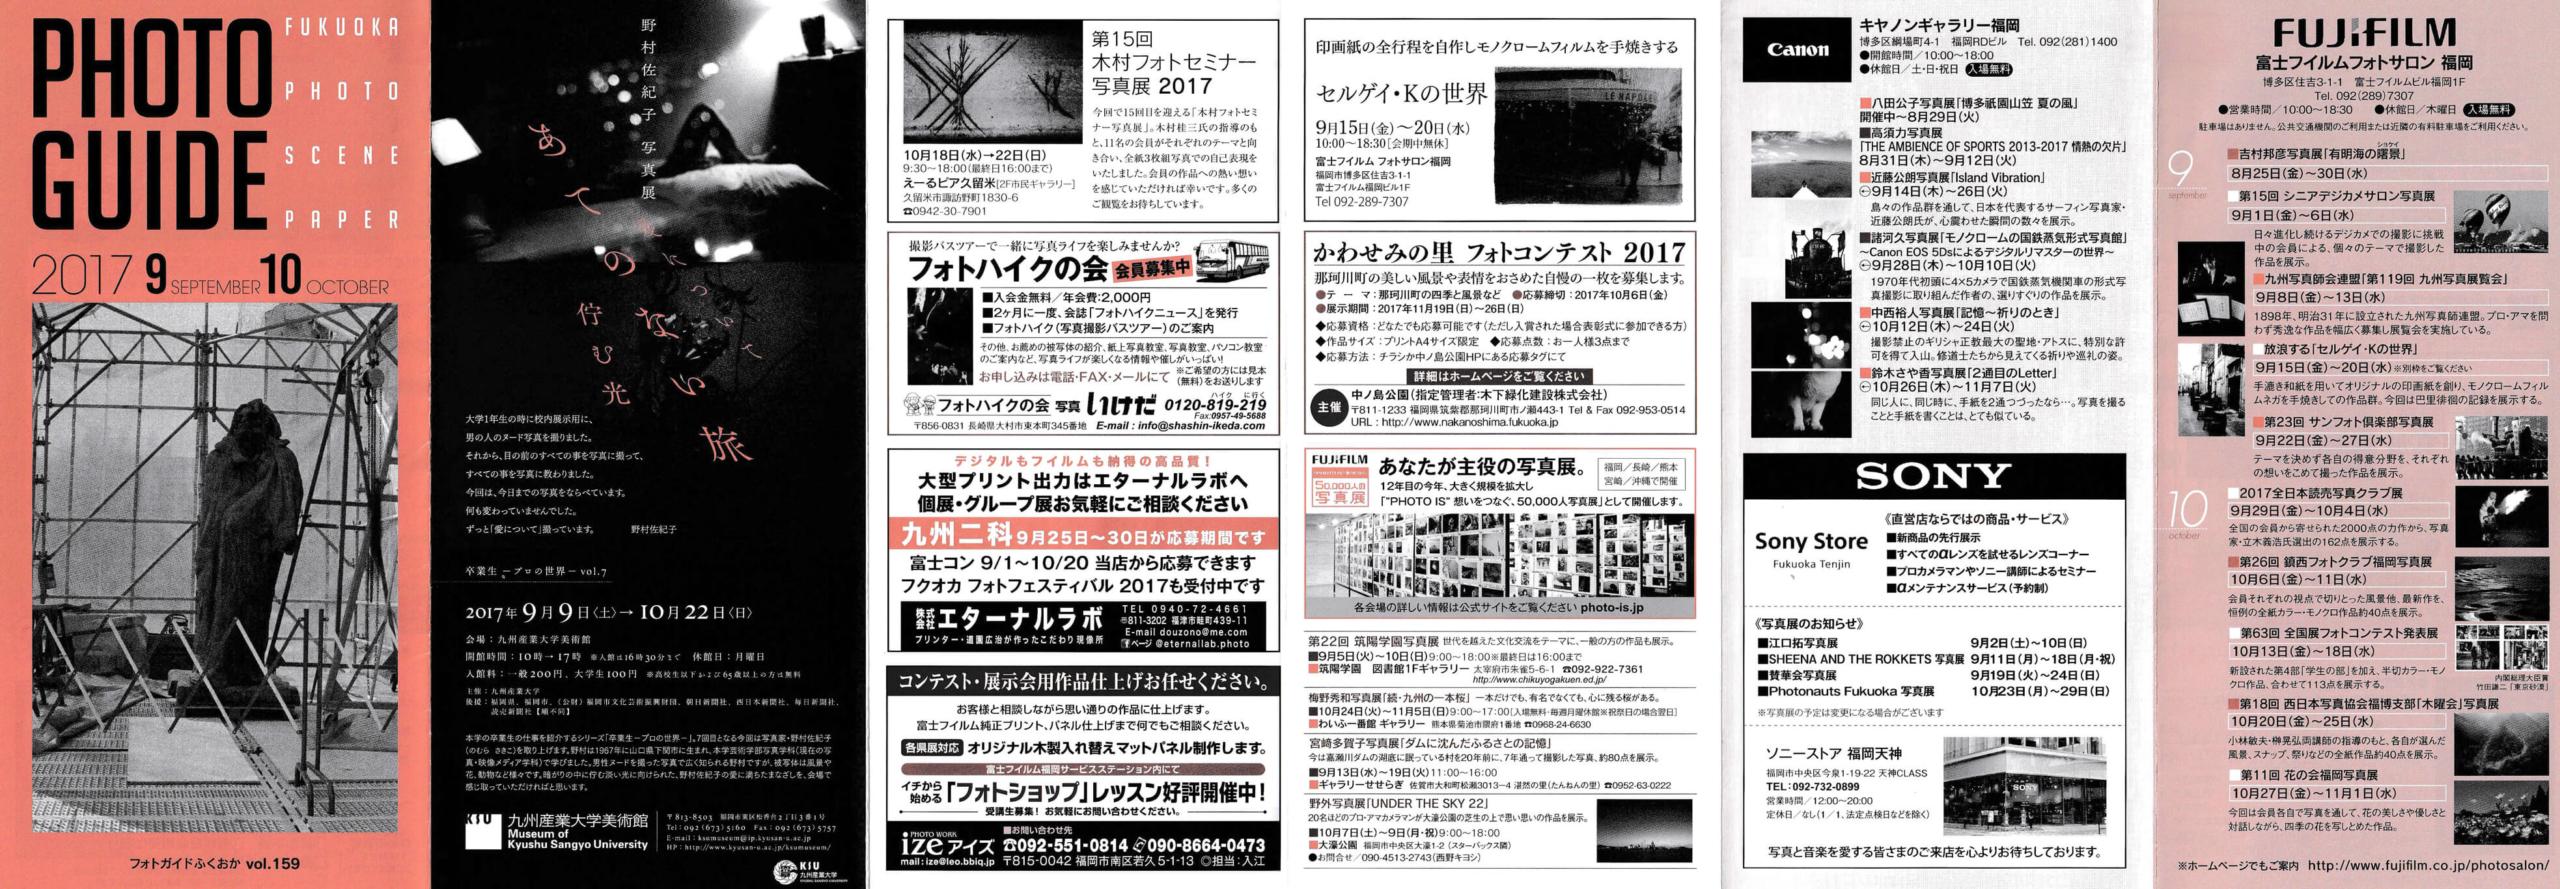 フォトガイドふくおか|アーカイブ|vol159